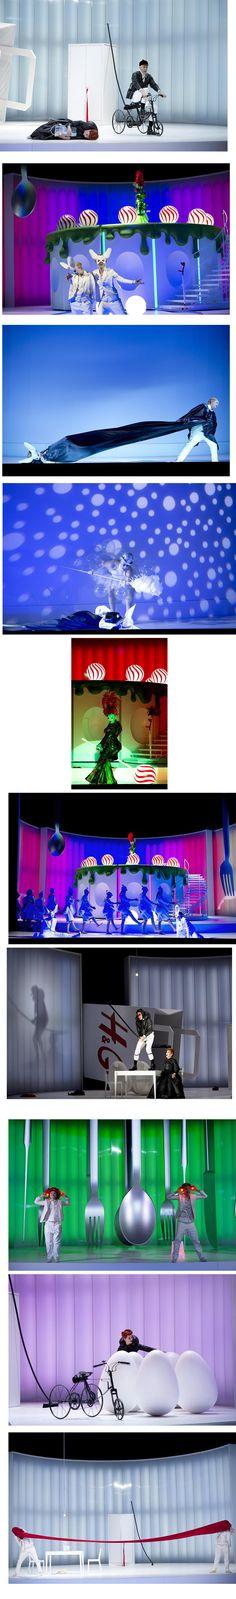 Komische Oper Berlin Hansel and Gretel Engelbert Humperdinck Musical Direction:Kristiina Poska Stage Design and Costumes:Reinhard von der Thannen Lighting:Franck Evin Video:Björn Verloh